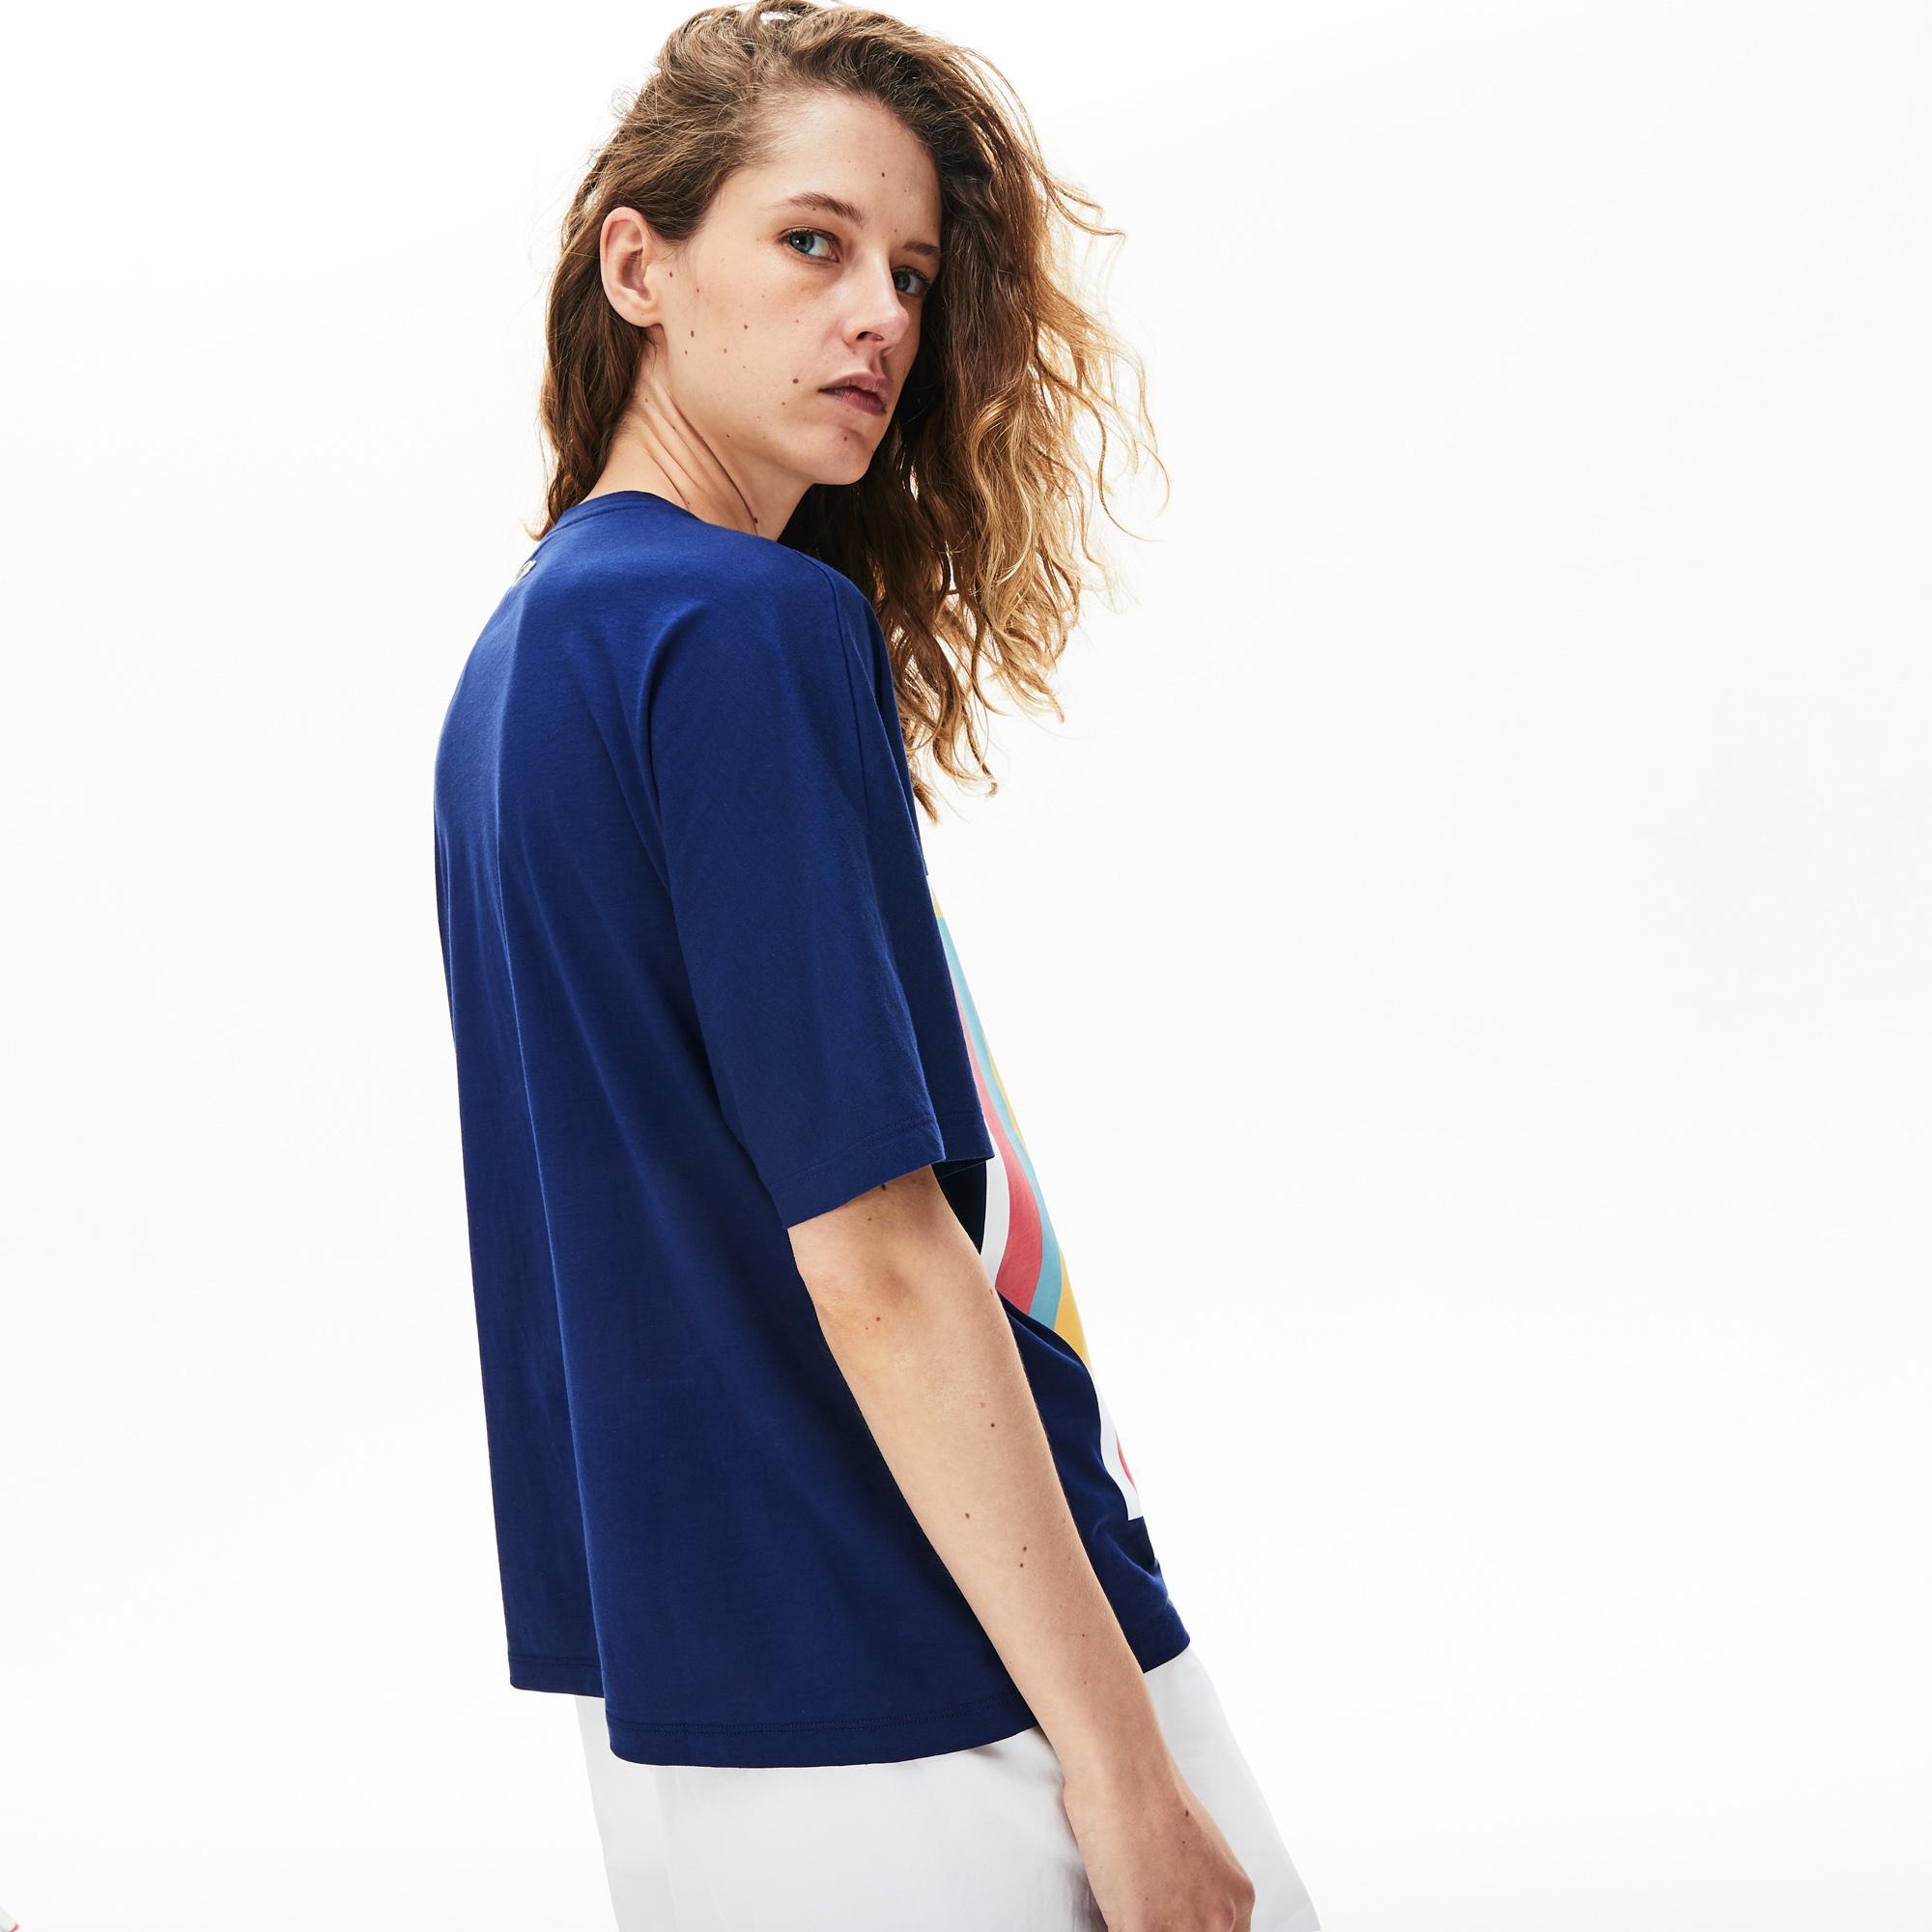 Lacoste Kadın Bisiklet Yaka Desenli Saks Mavi T-Shirt